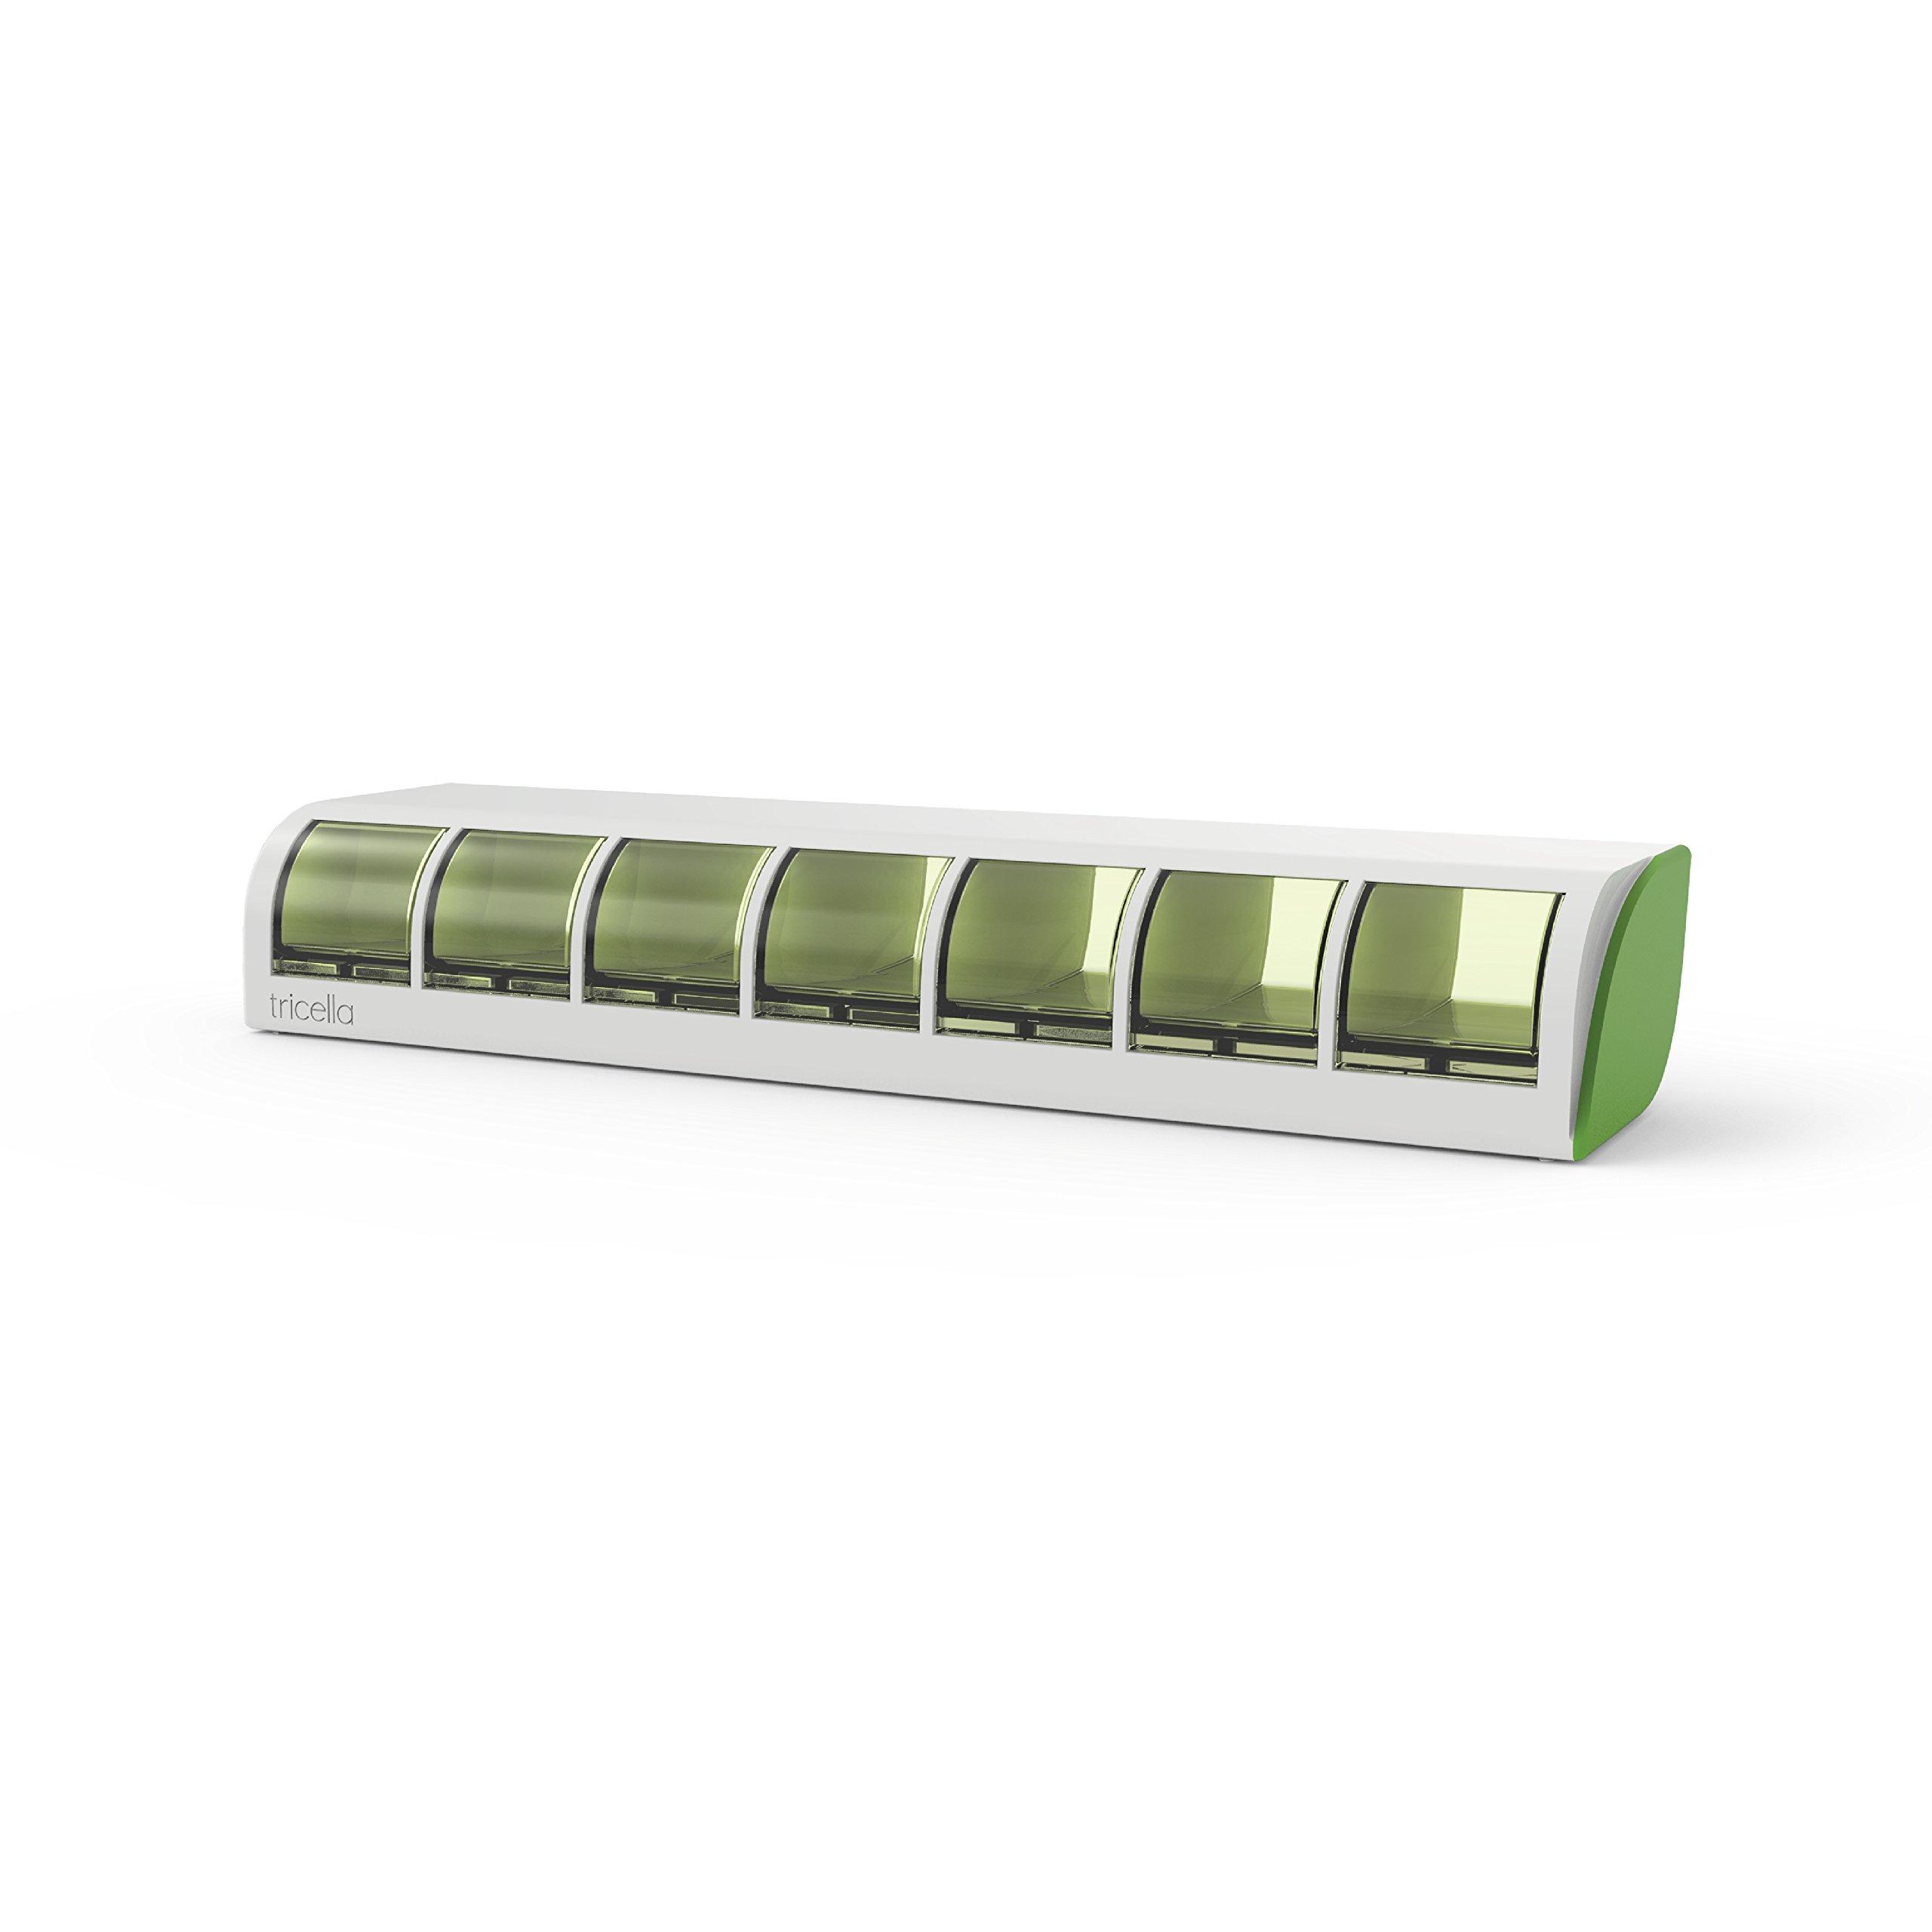 Tricella Liif 7 Green Smart Pillbox, Green